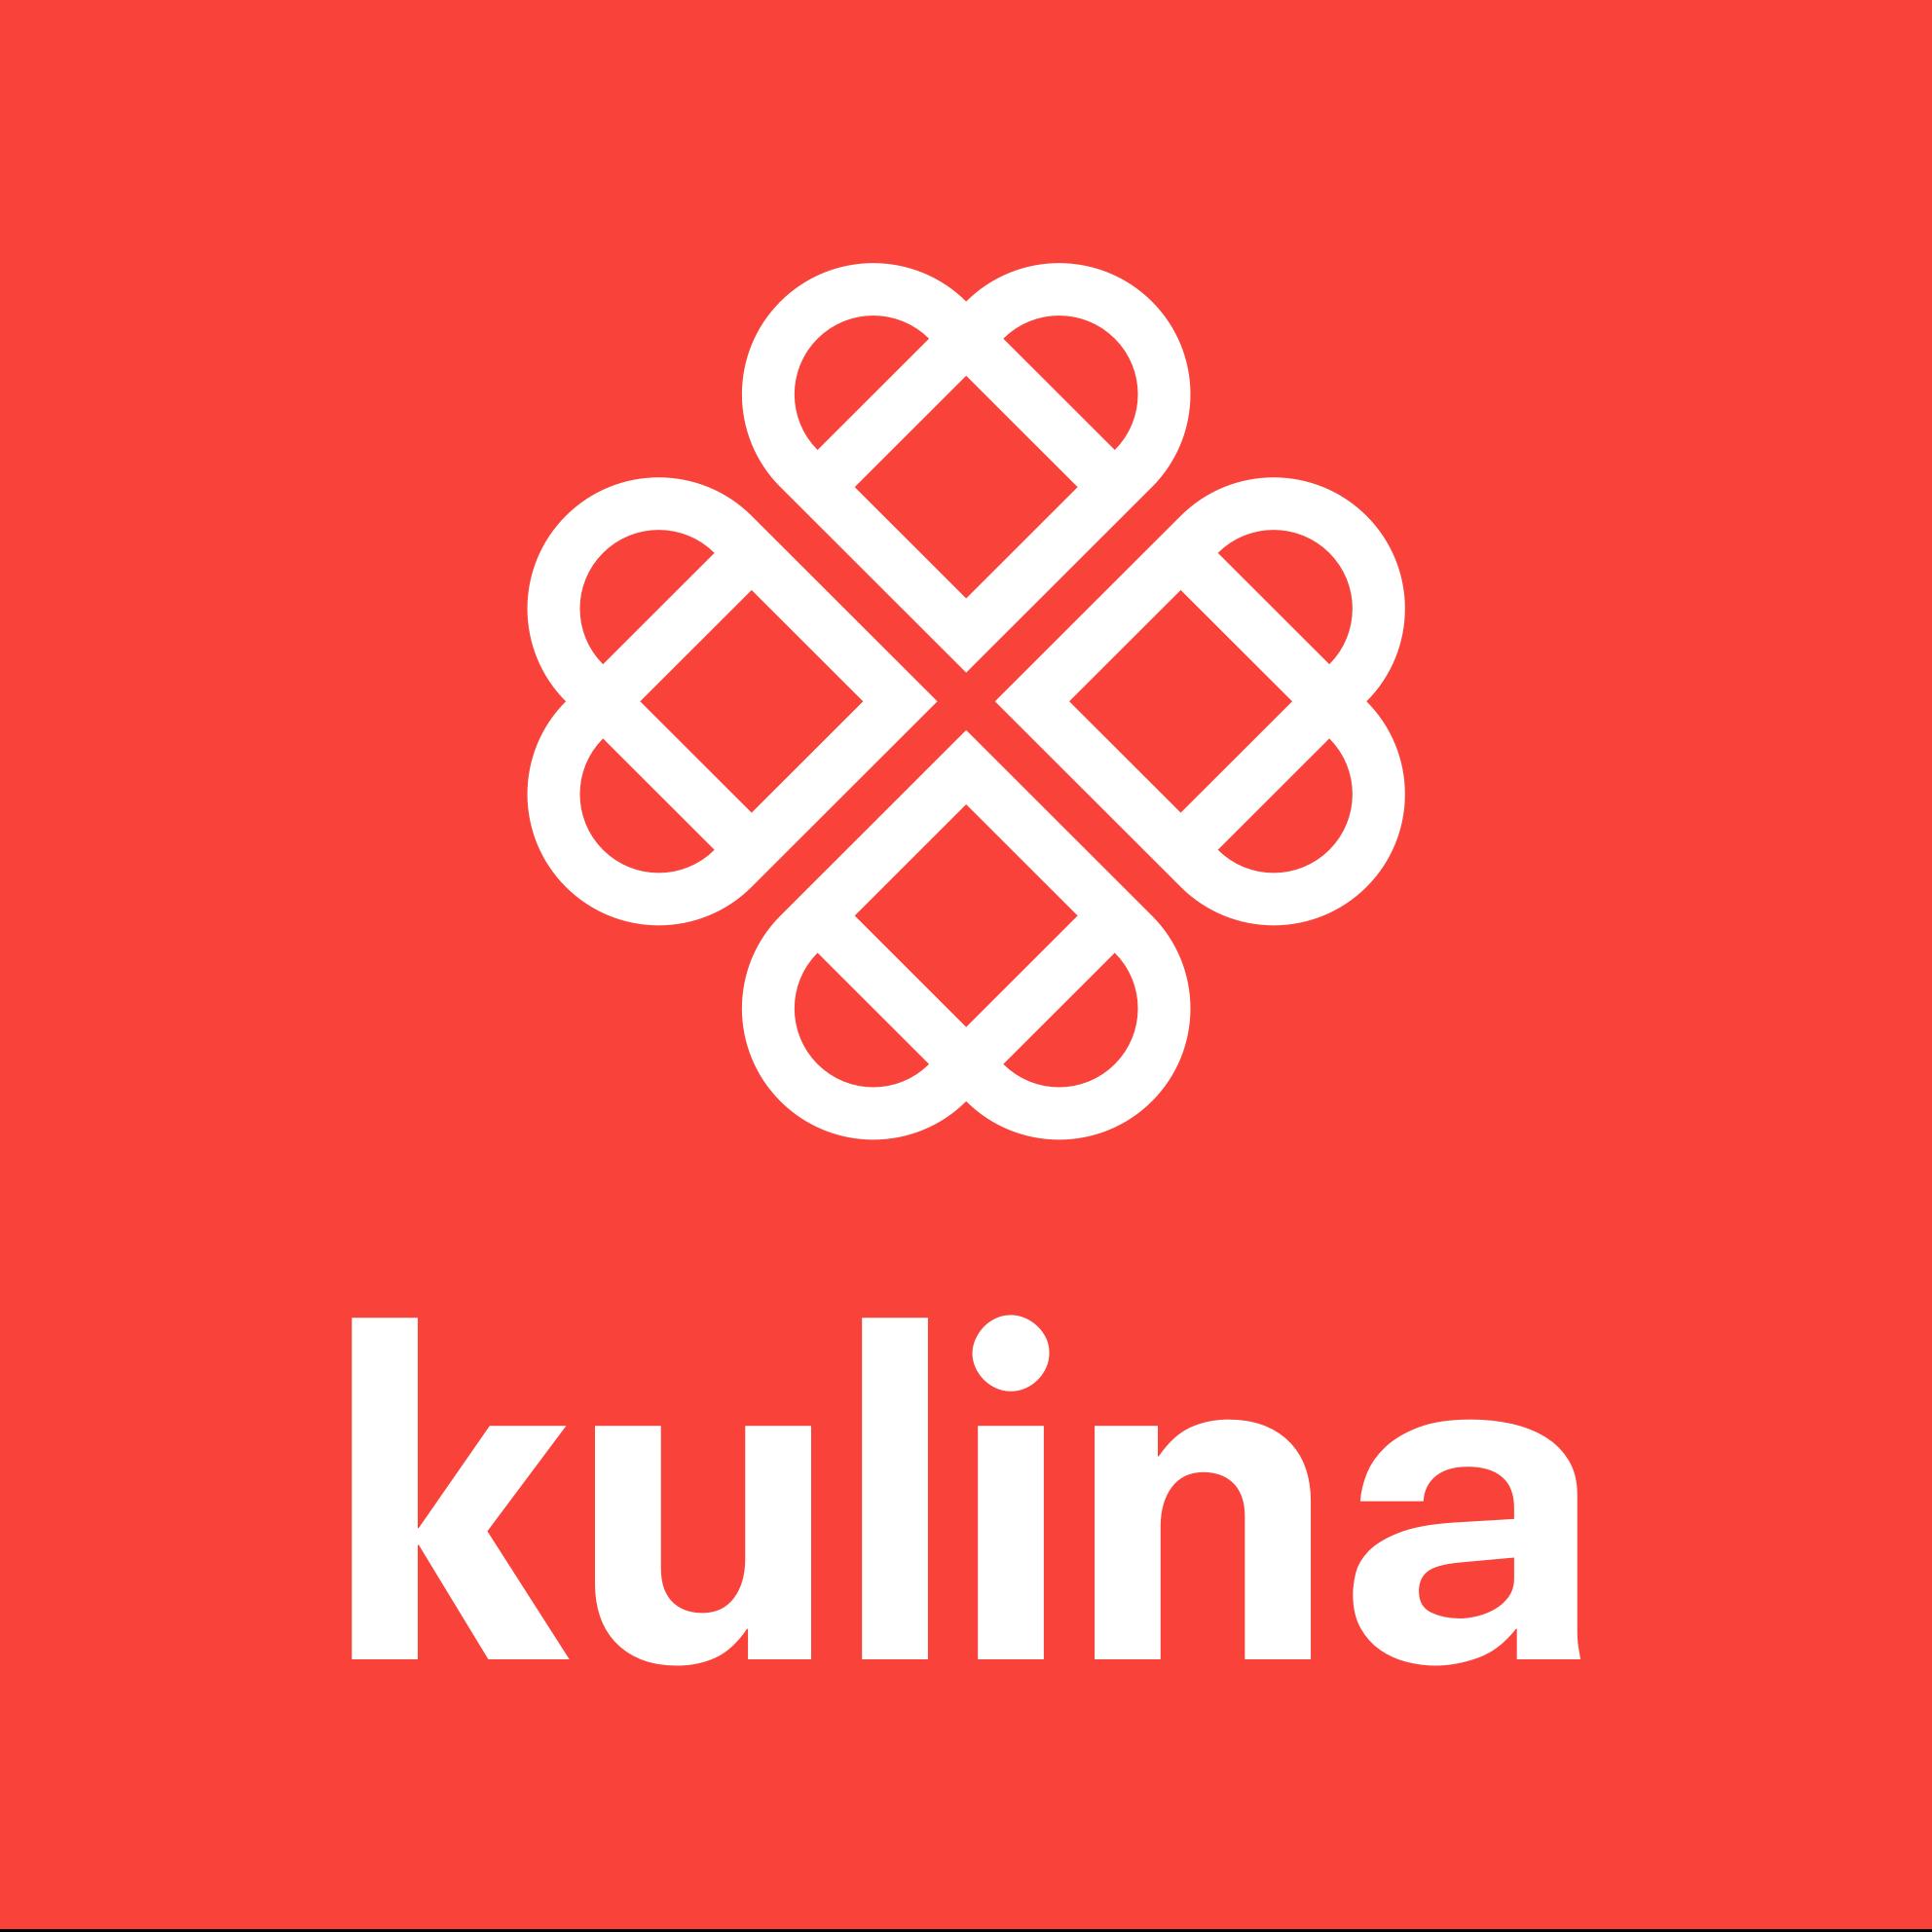 Kulina company logo